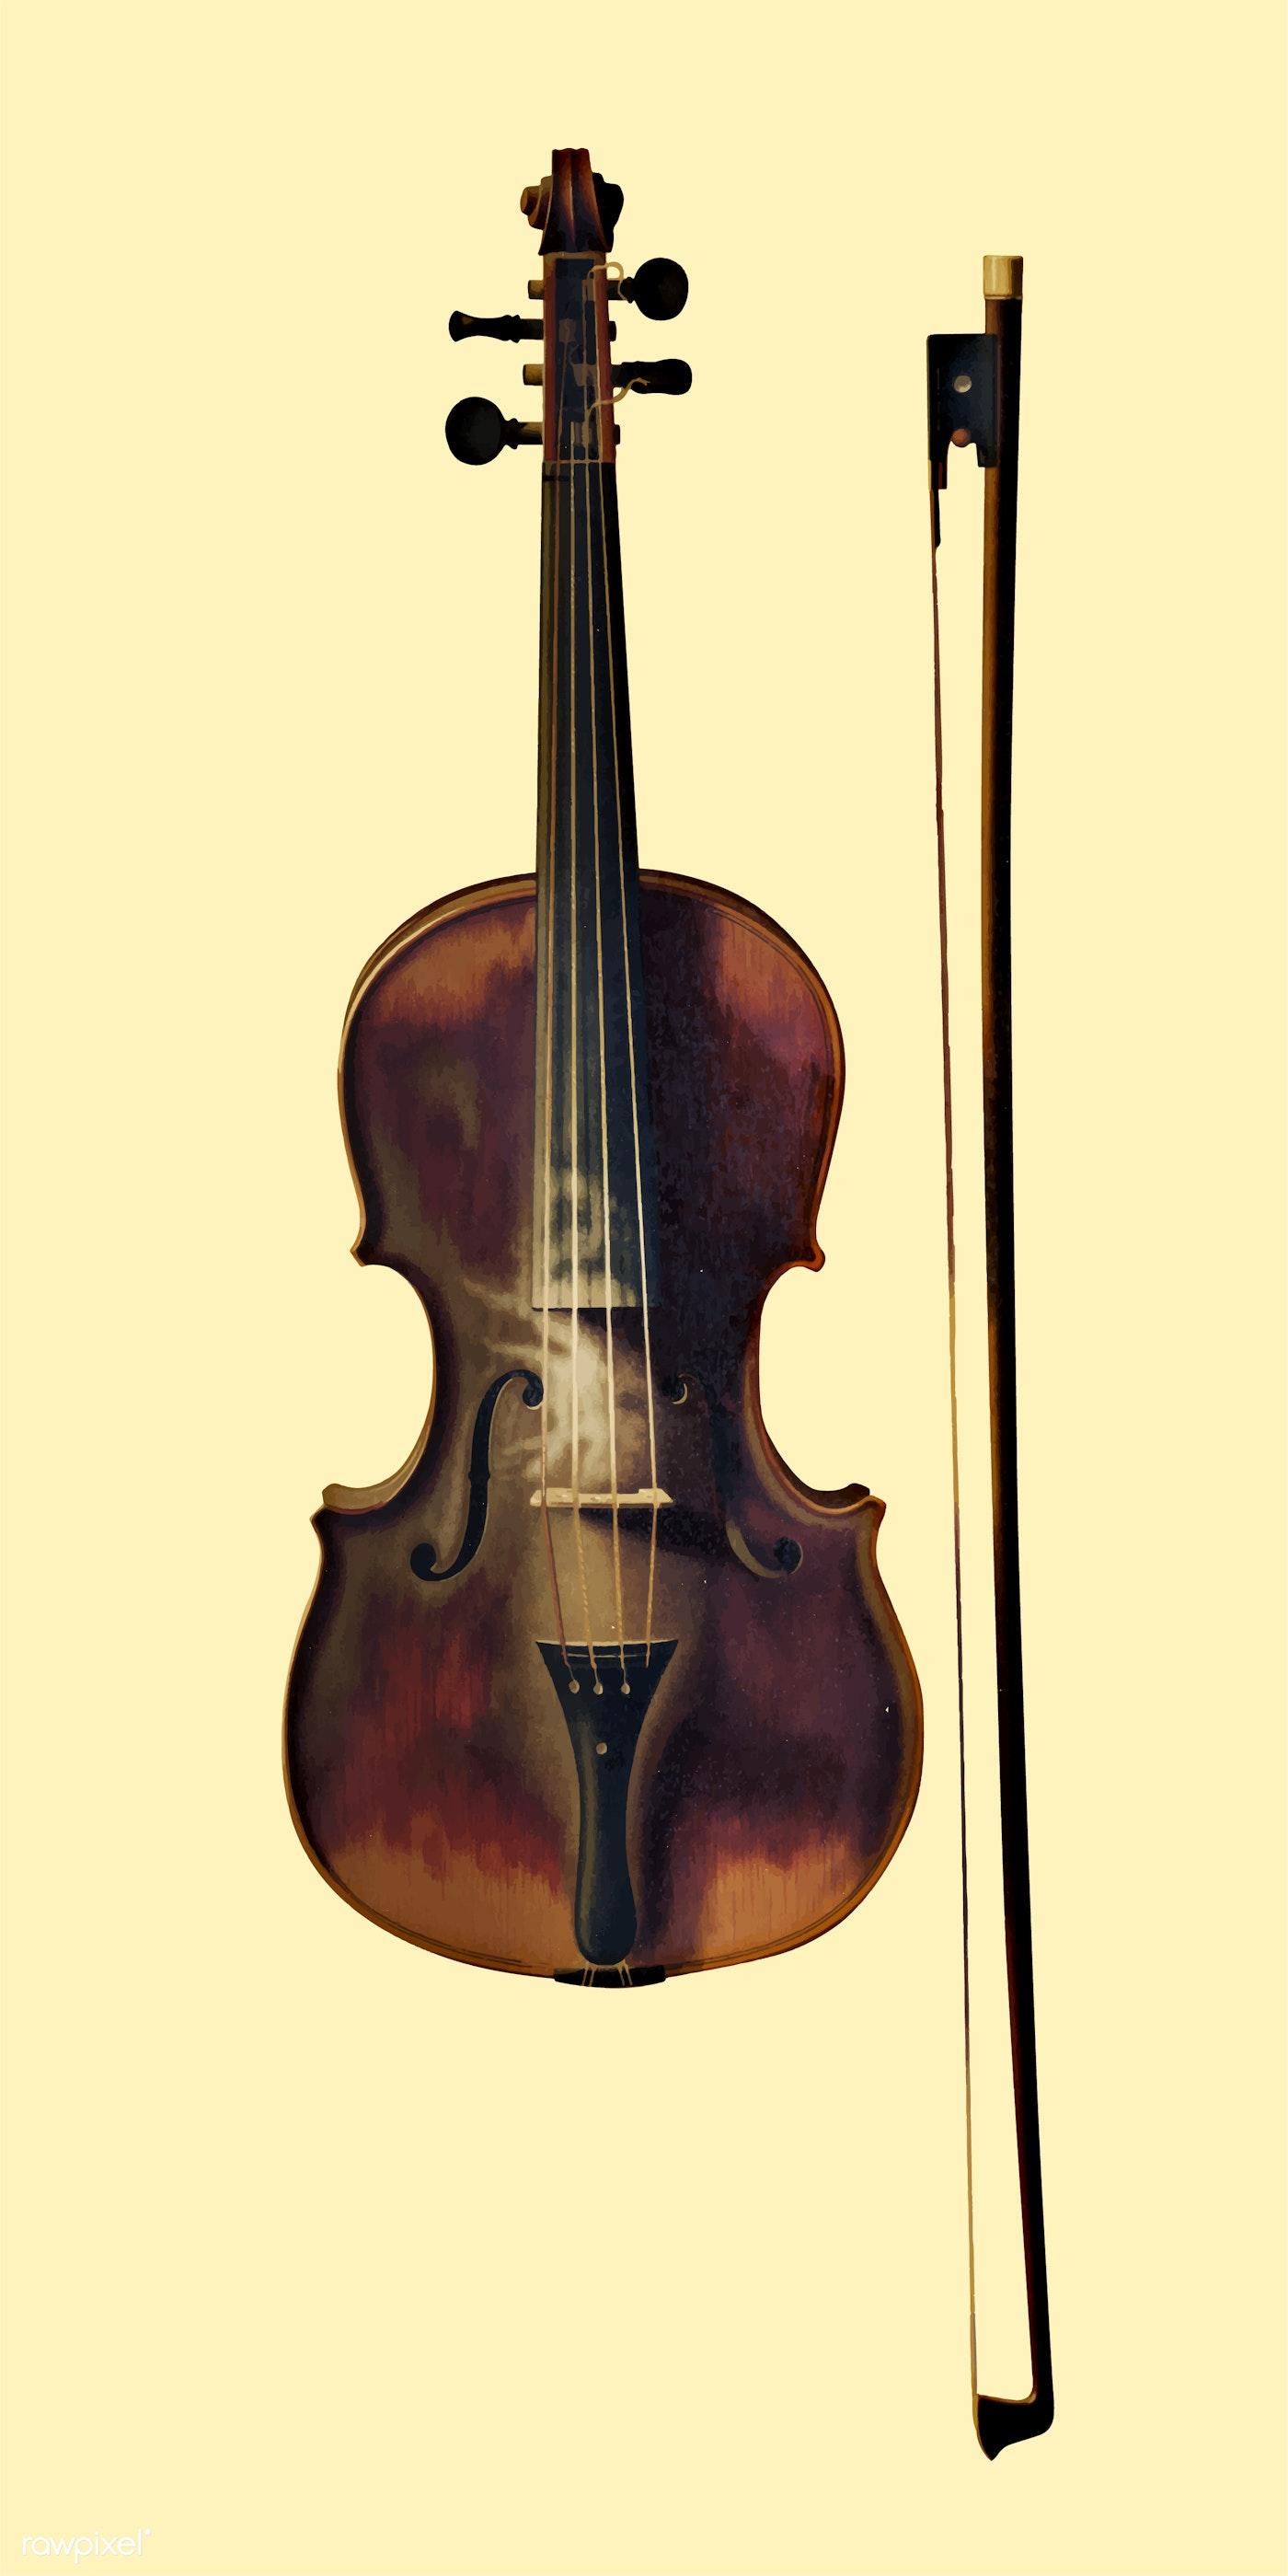 Vintage Illustration of Still Life with Violin. - ID: 471350